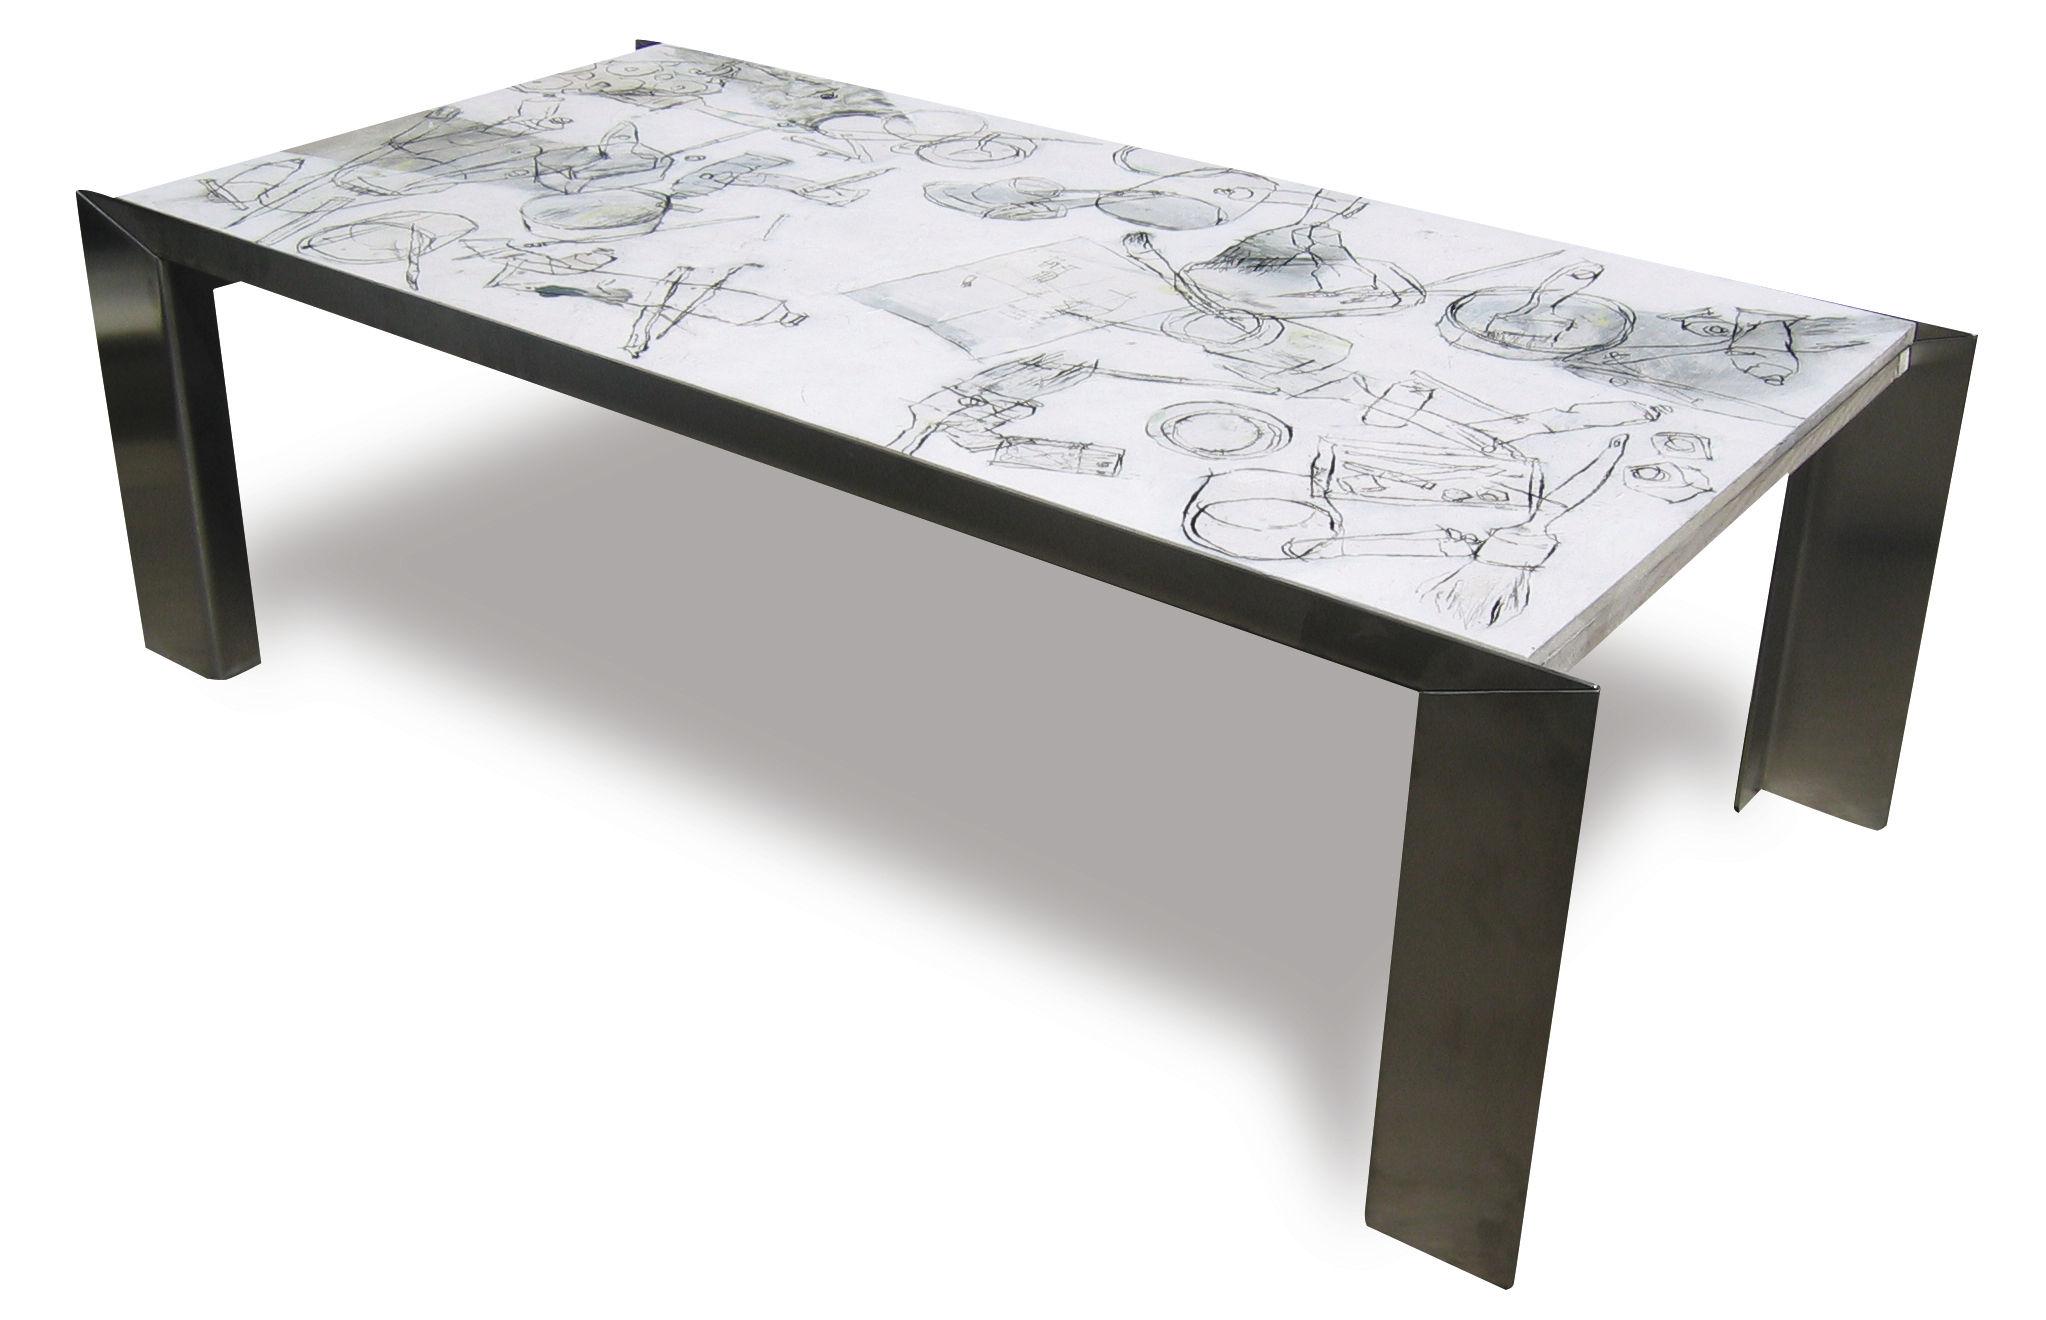 Table Bois Inoxydable Peint Acier En Basse Contemporaine tCxsdQrh